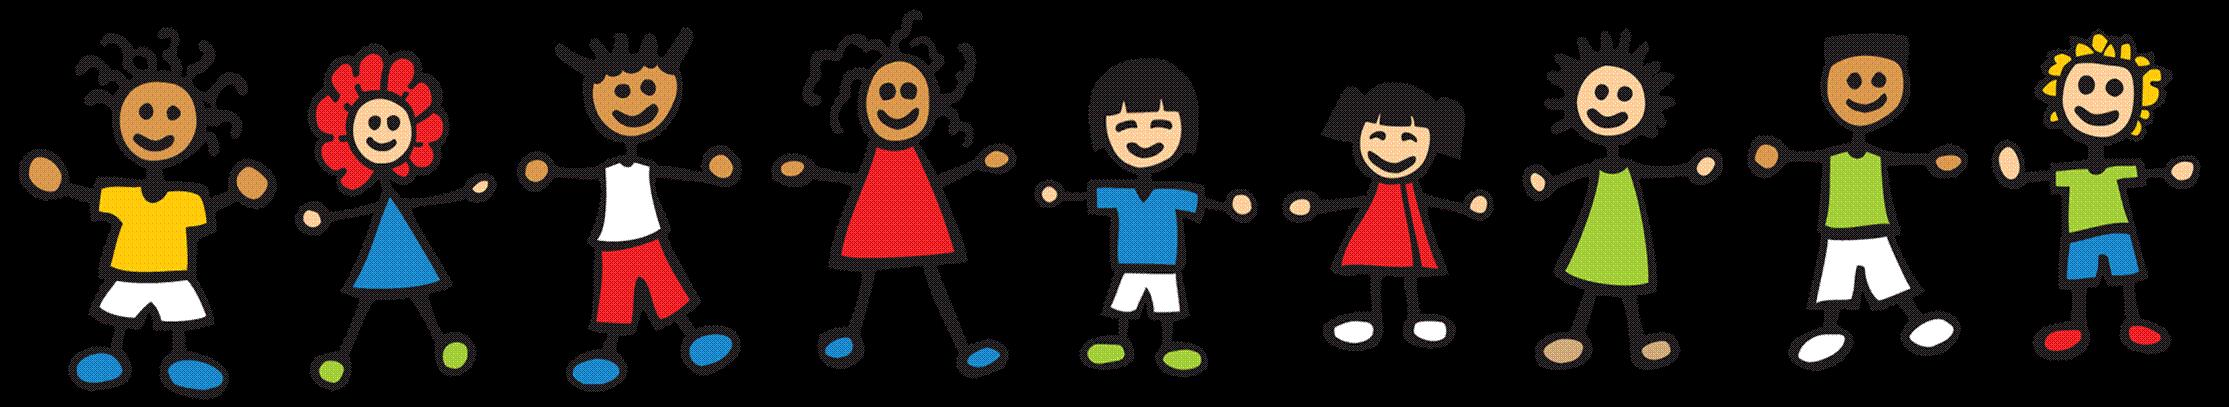 Kids Clipart & Kids Clip Art Images.